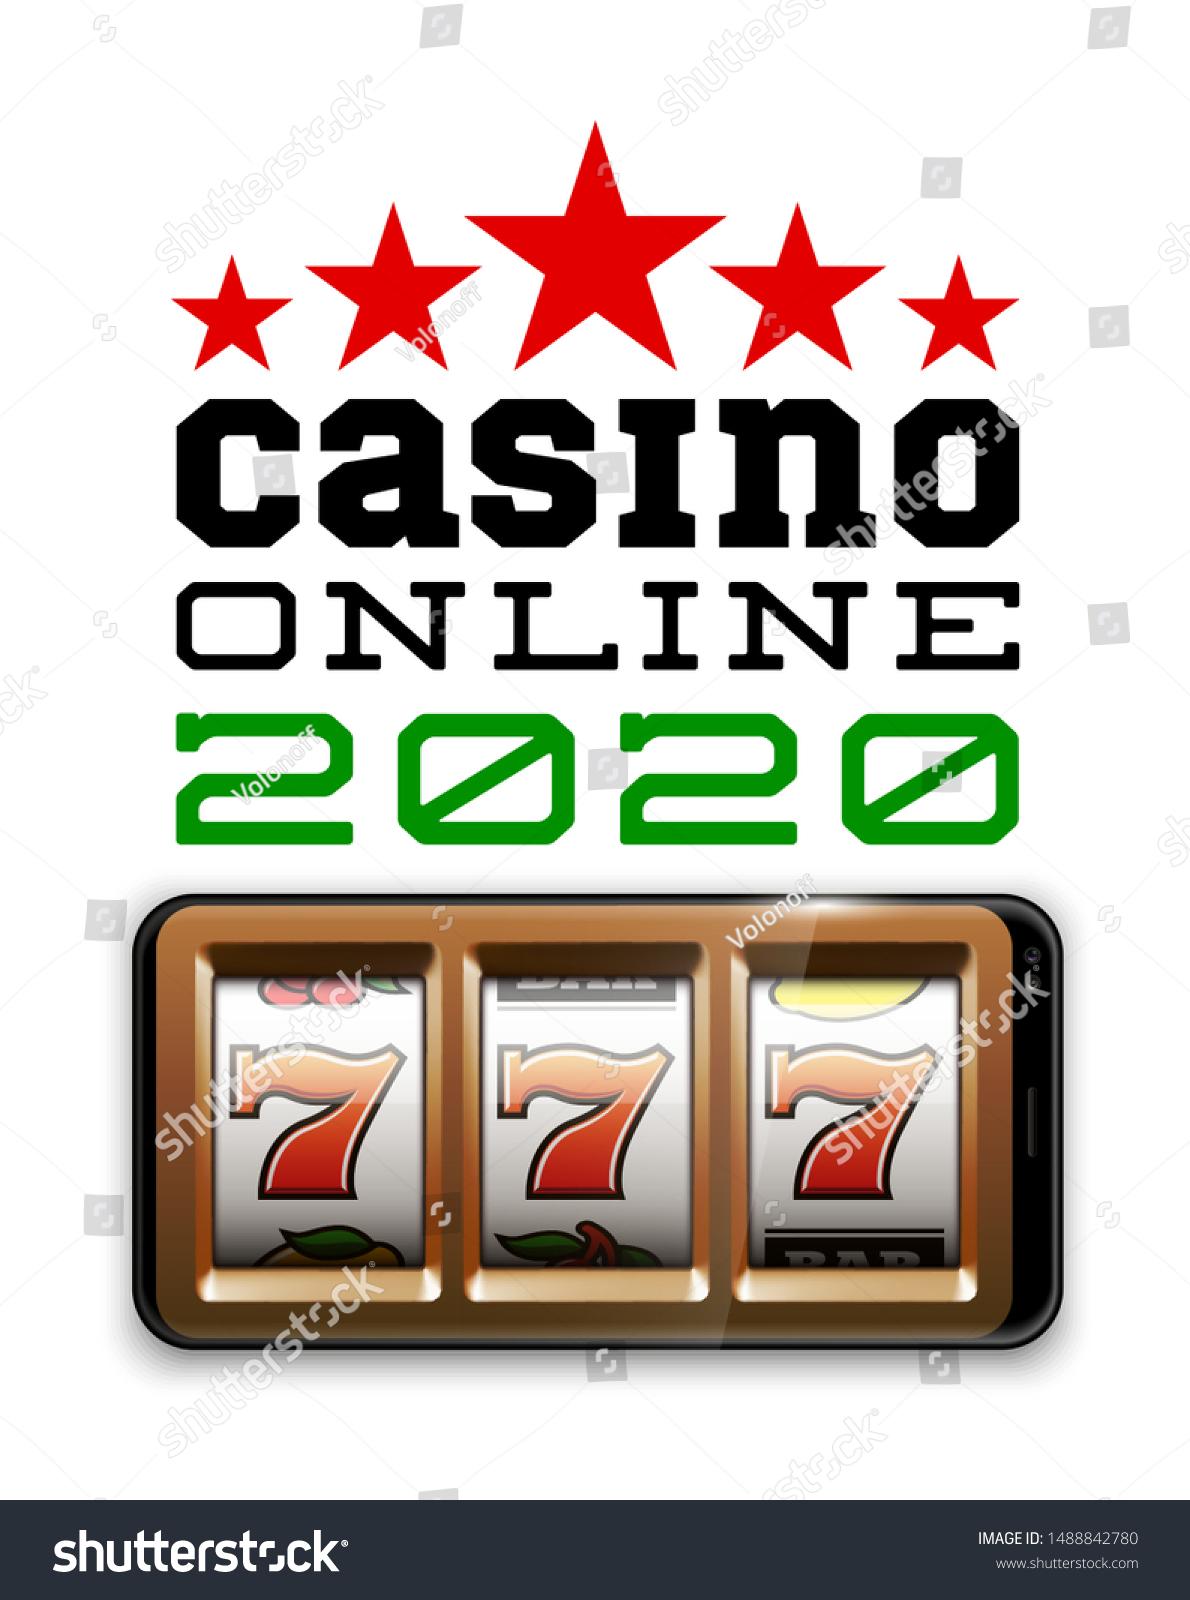 Online casino application в казино играет музыка